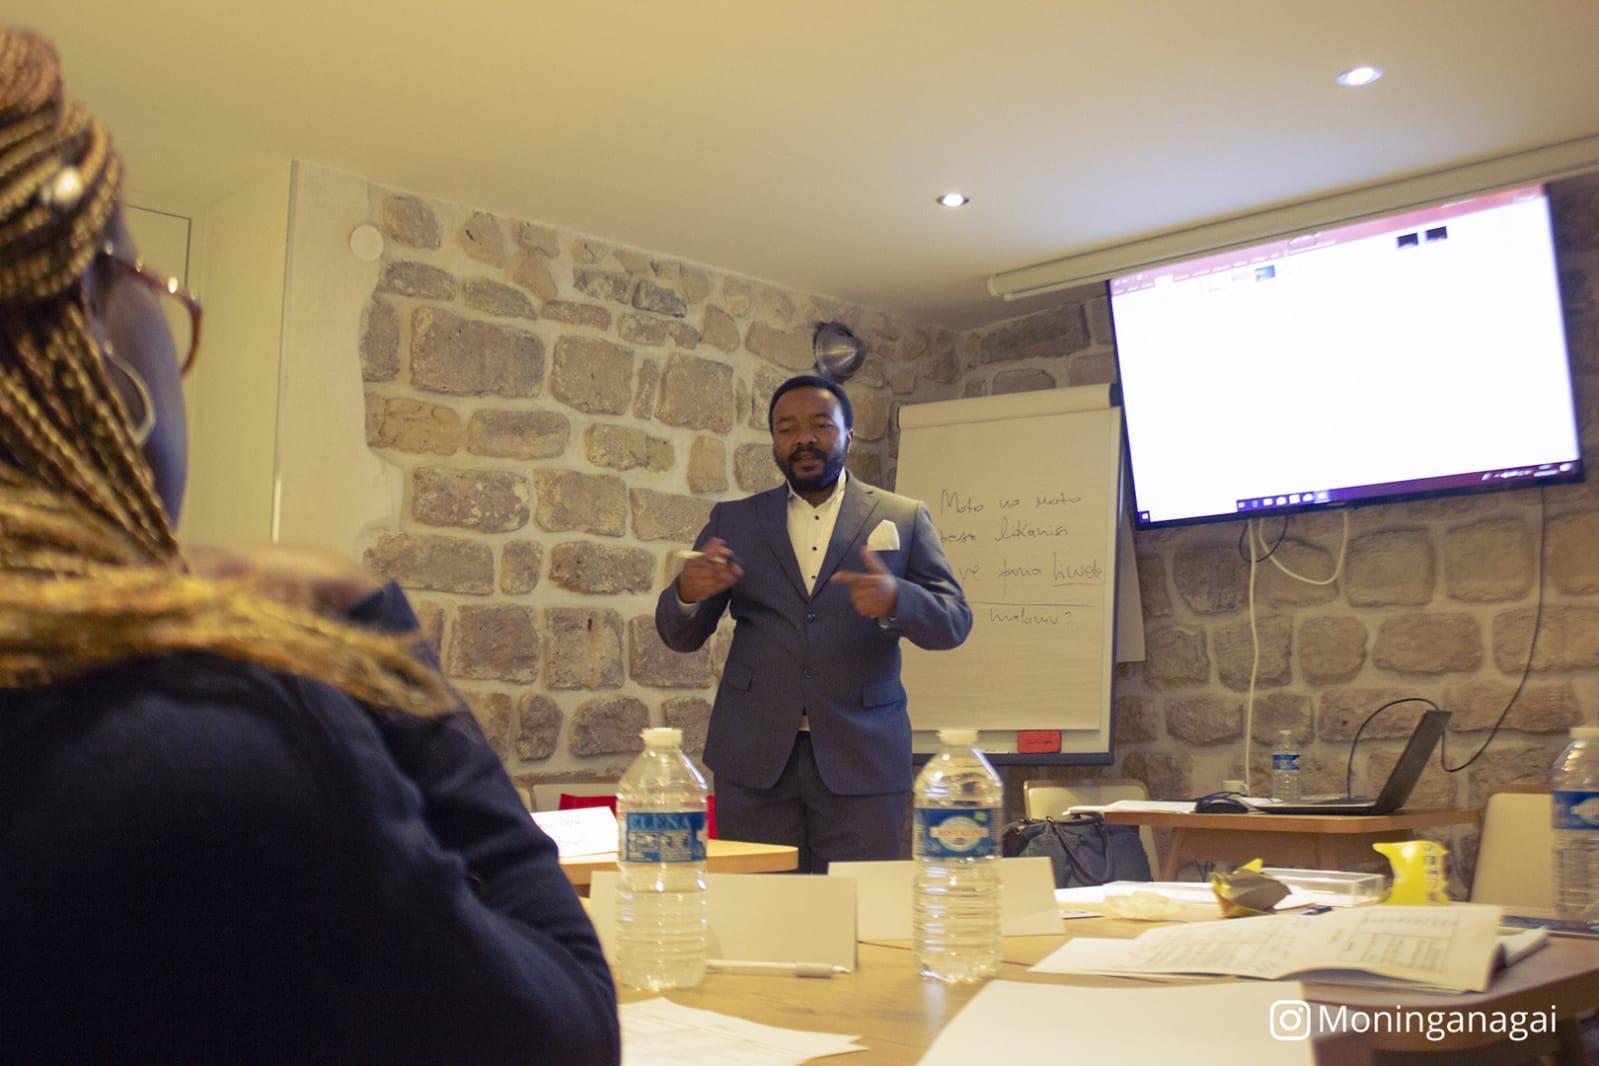 L'apprentissage des langues africaines est de plus en plus répandu. Cours particuliers, ateliers, livres, comptes Instagram...